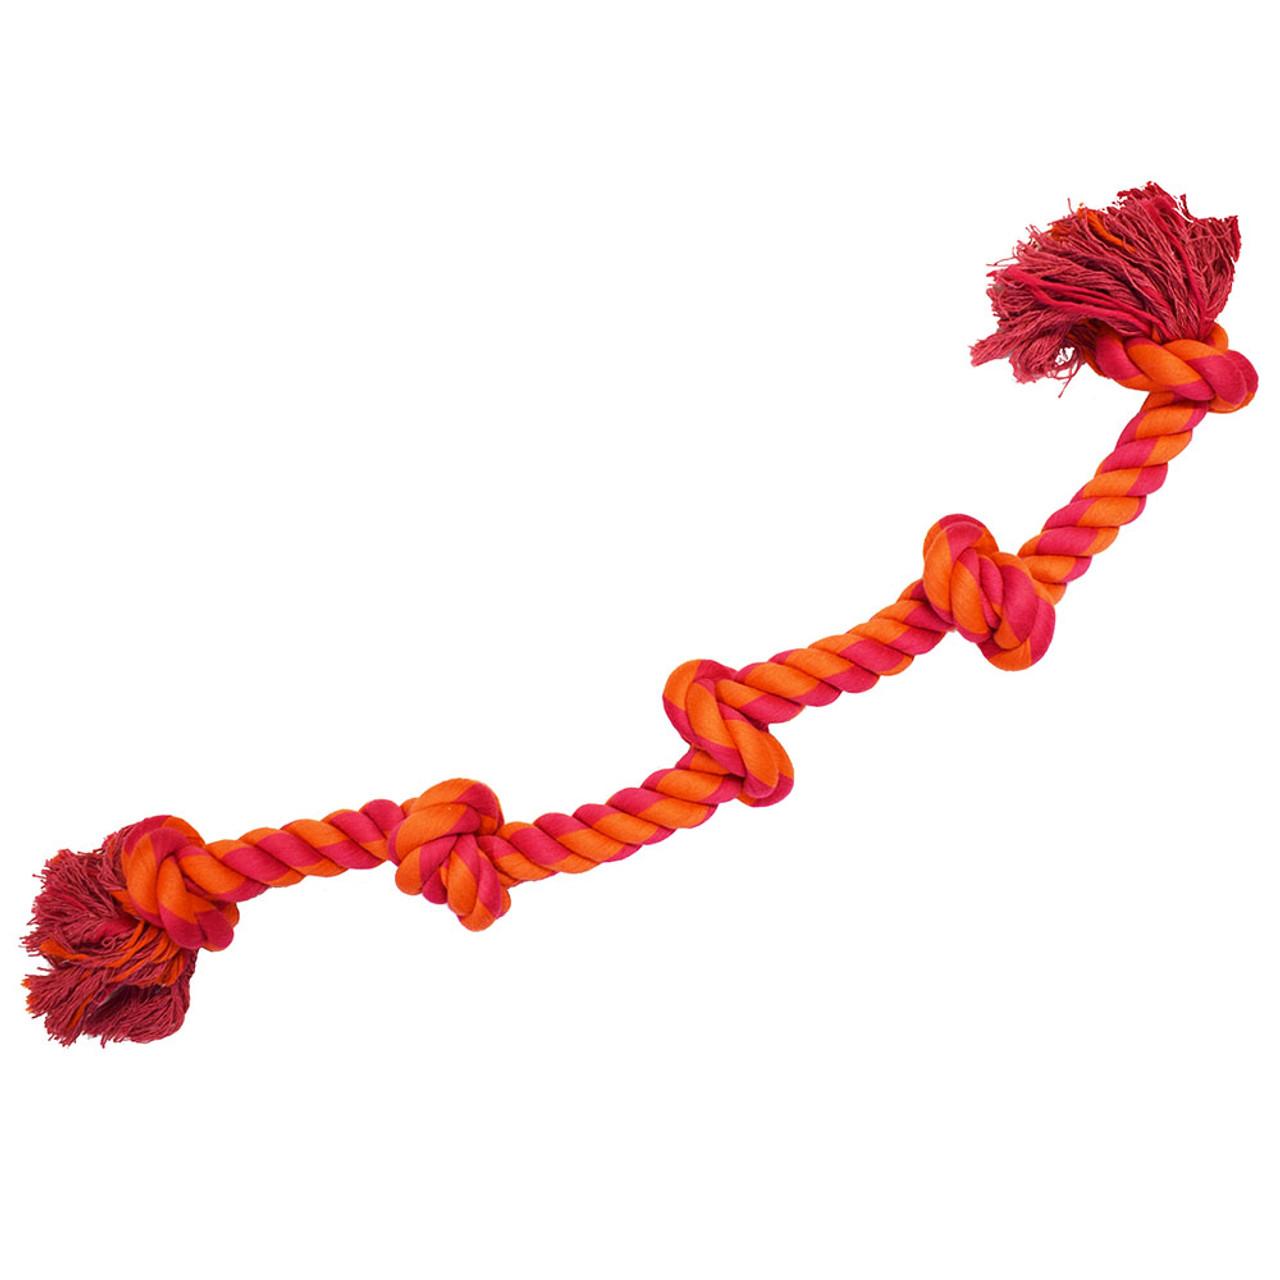 Amazing Pet 5 Knot Rope Dog Toy - Orange & Pink